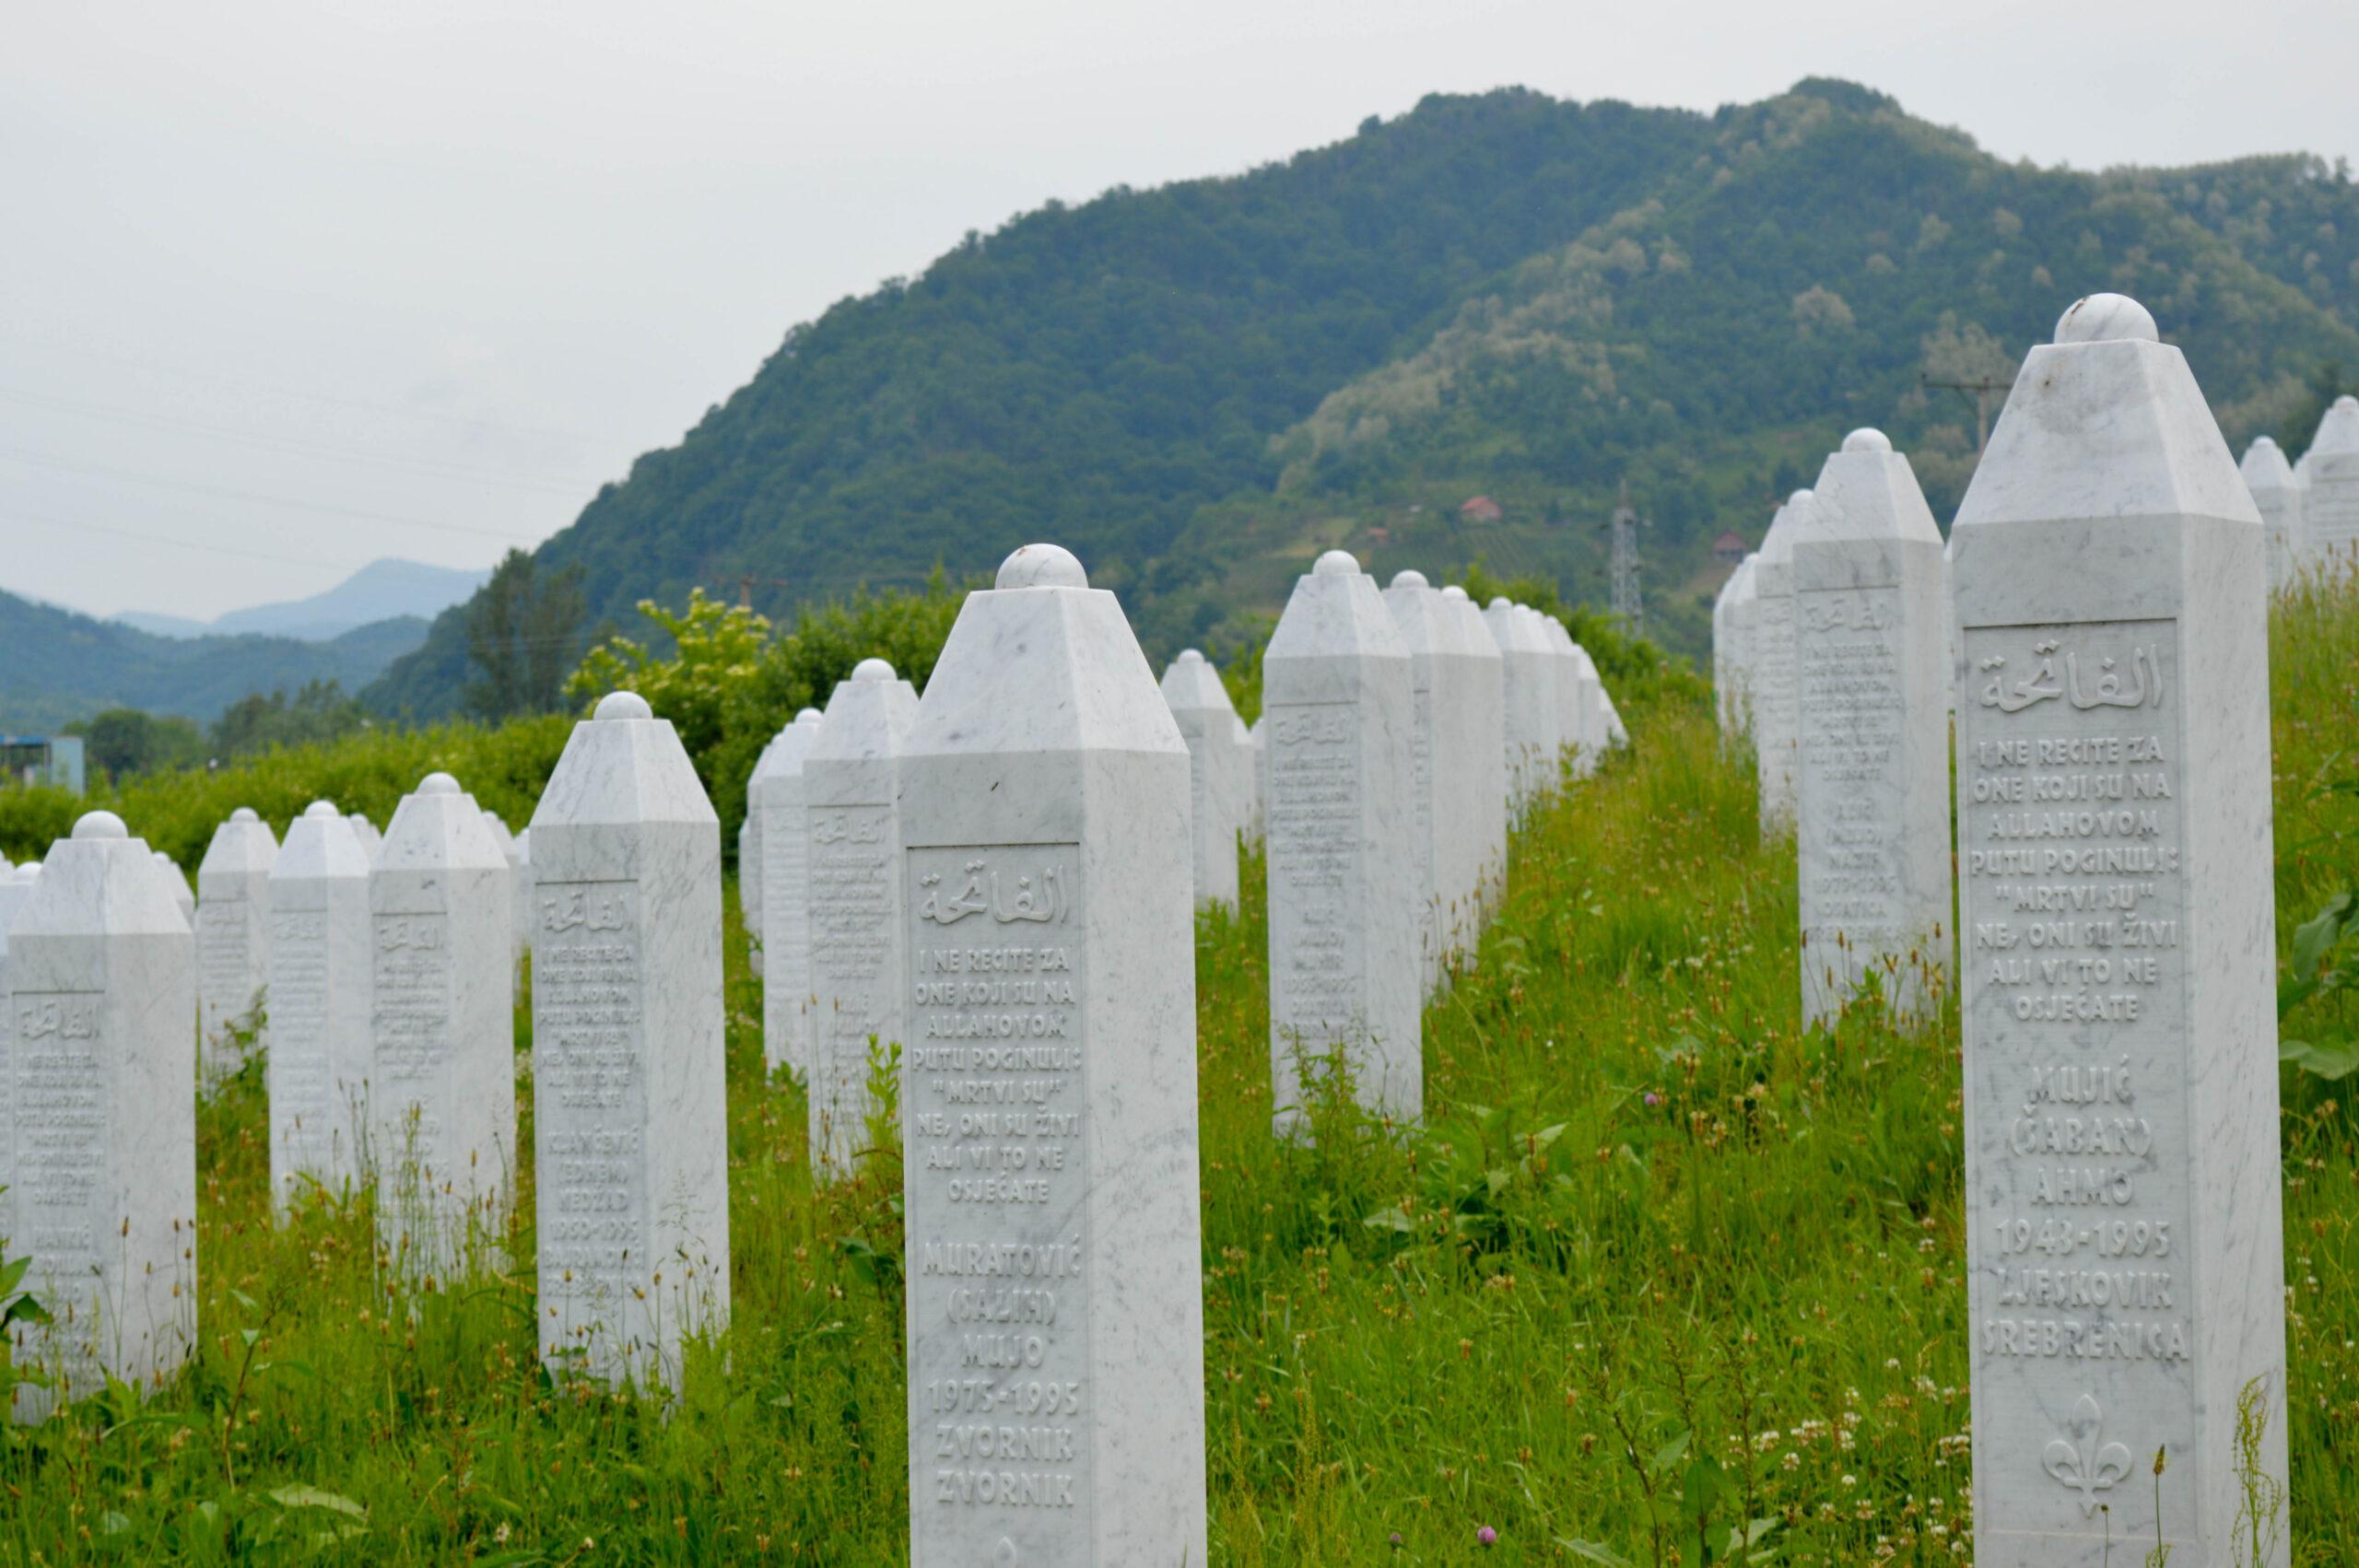 June 8, 2021 – Final Verdict Against Ratko Mladic